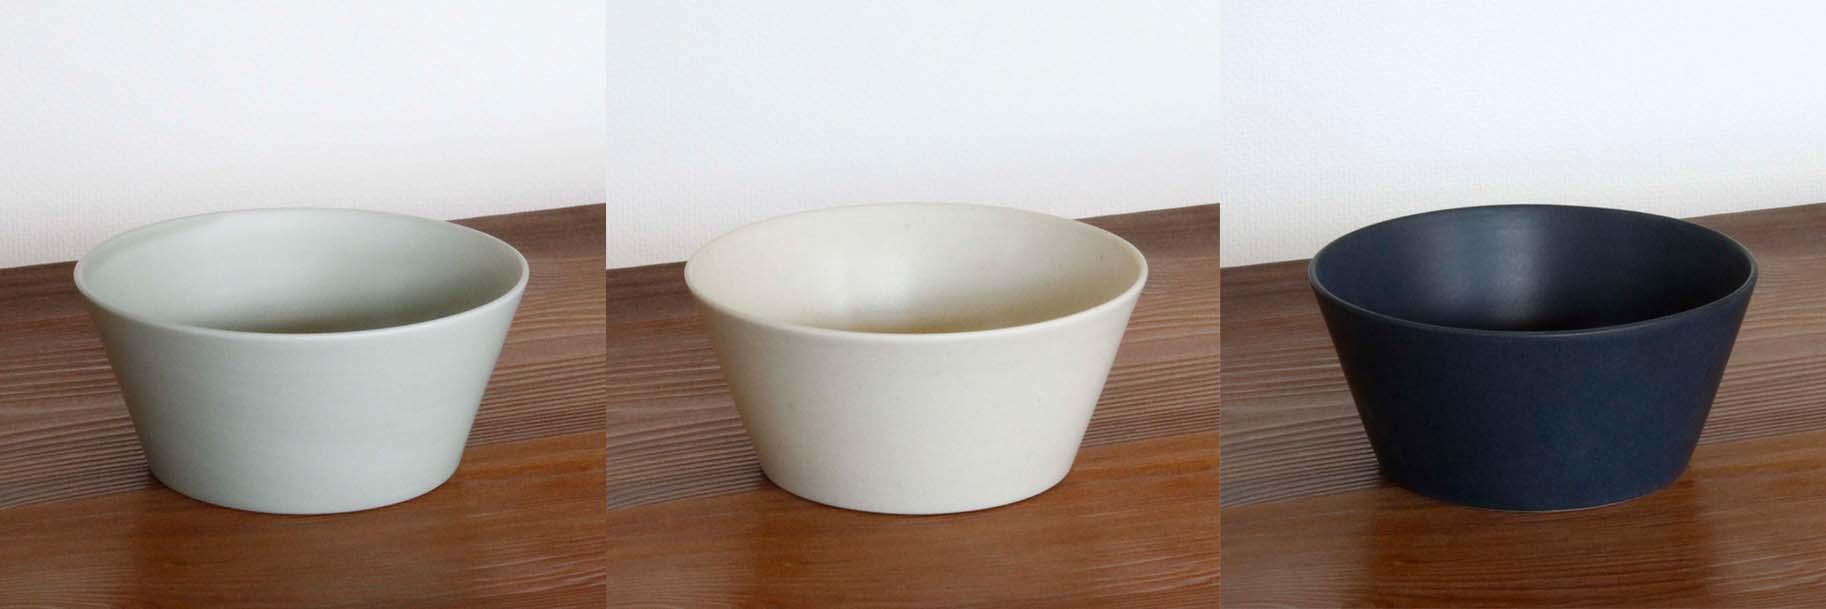 横長アイコンflat bowl